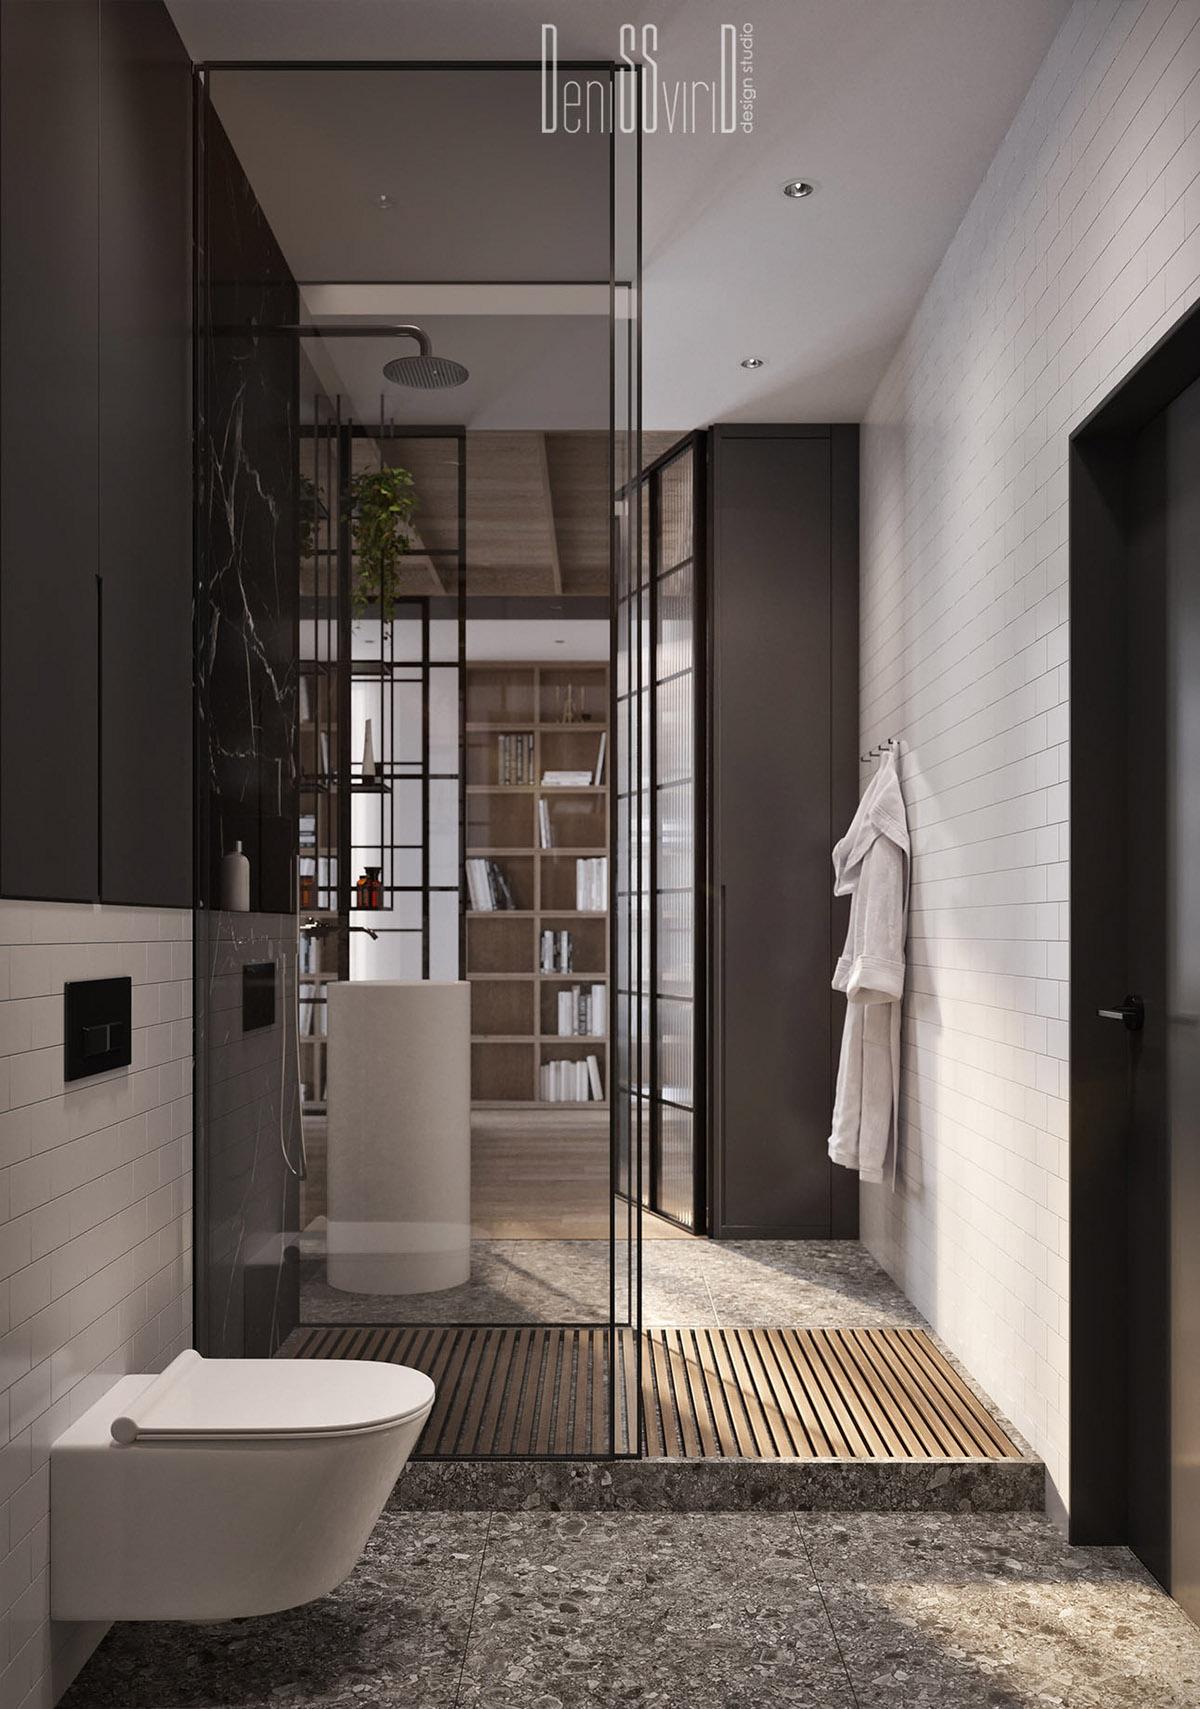 时尚简约家装设计_3个工业风格Loft装修设计(2) - 设计之家